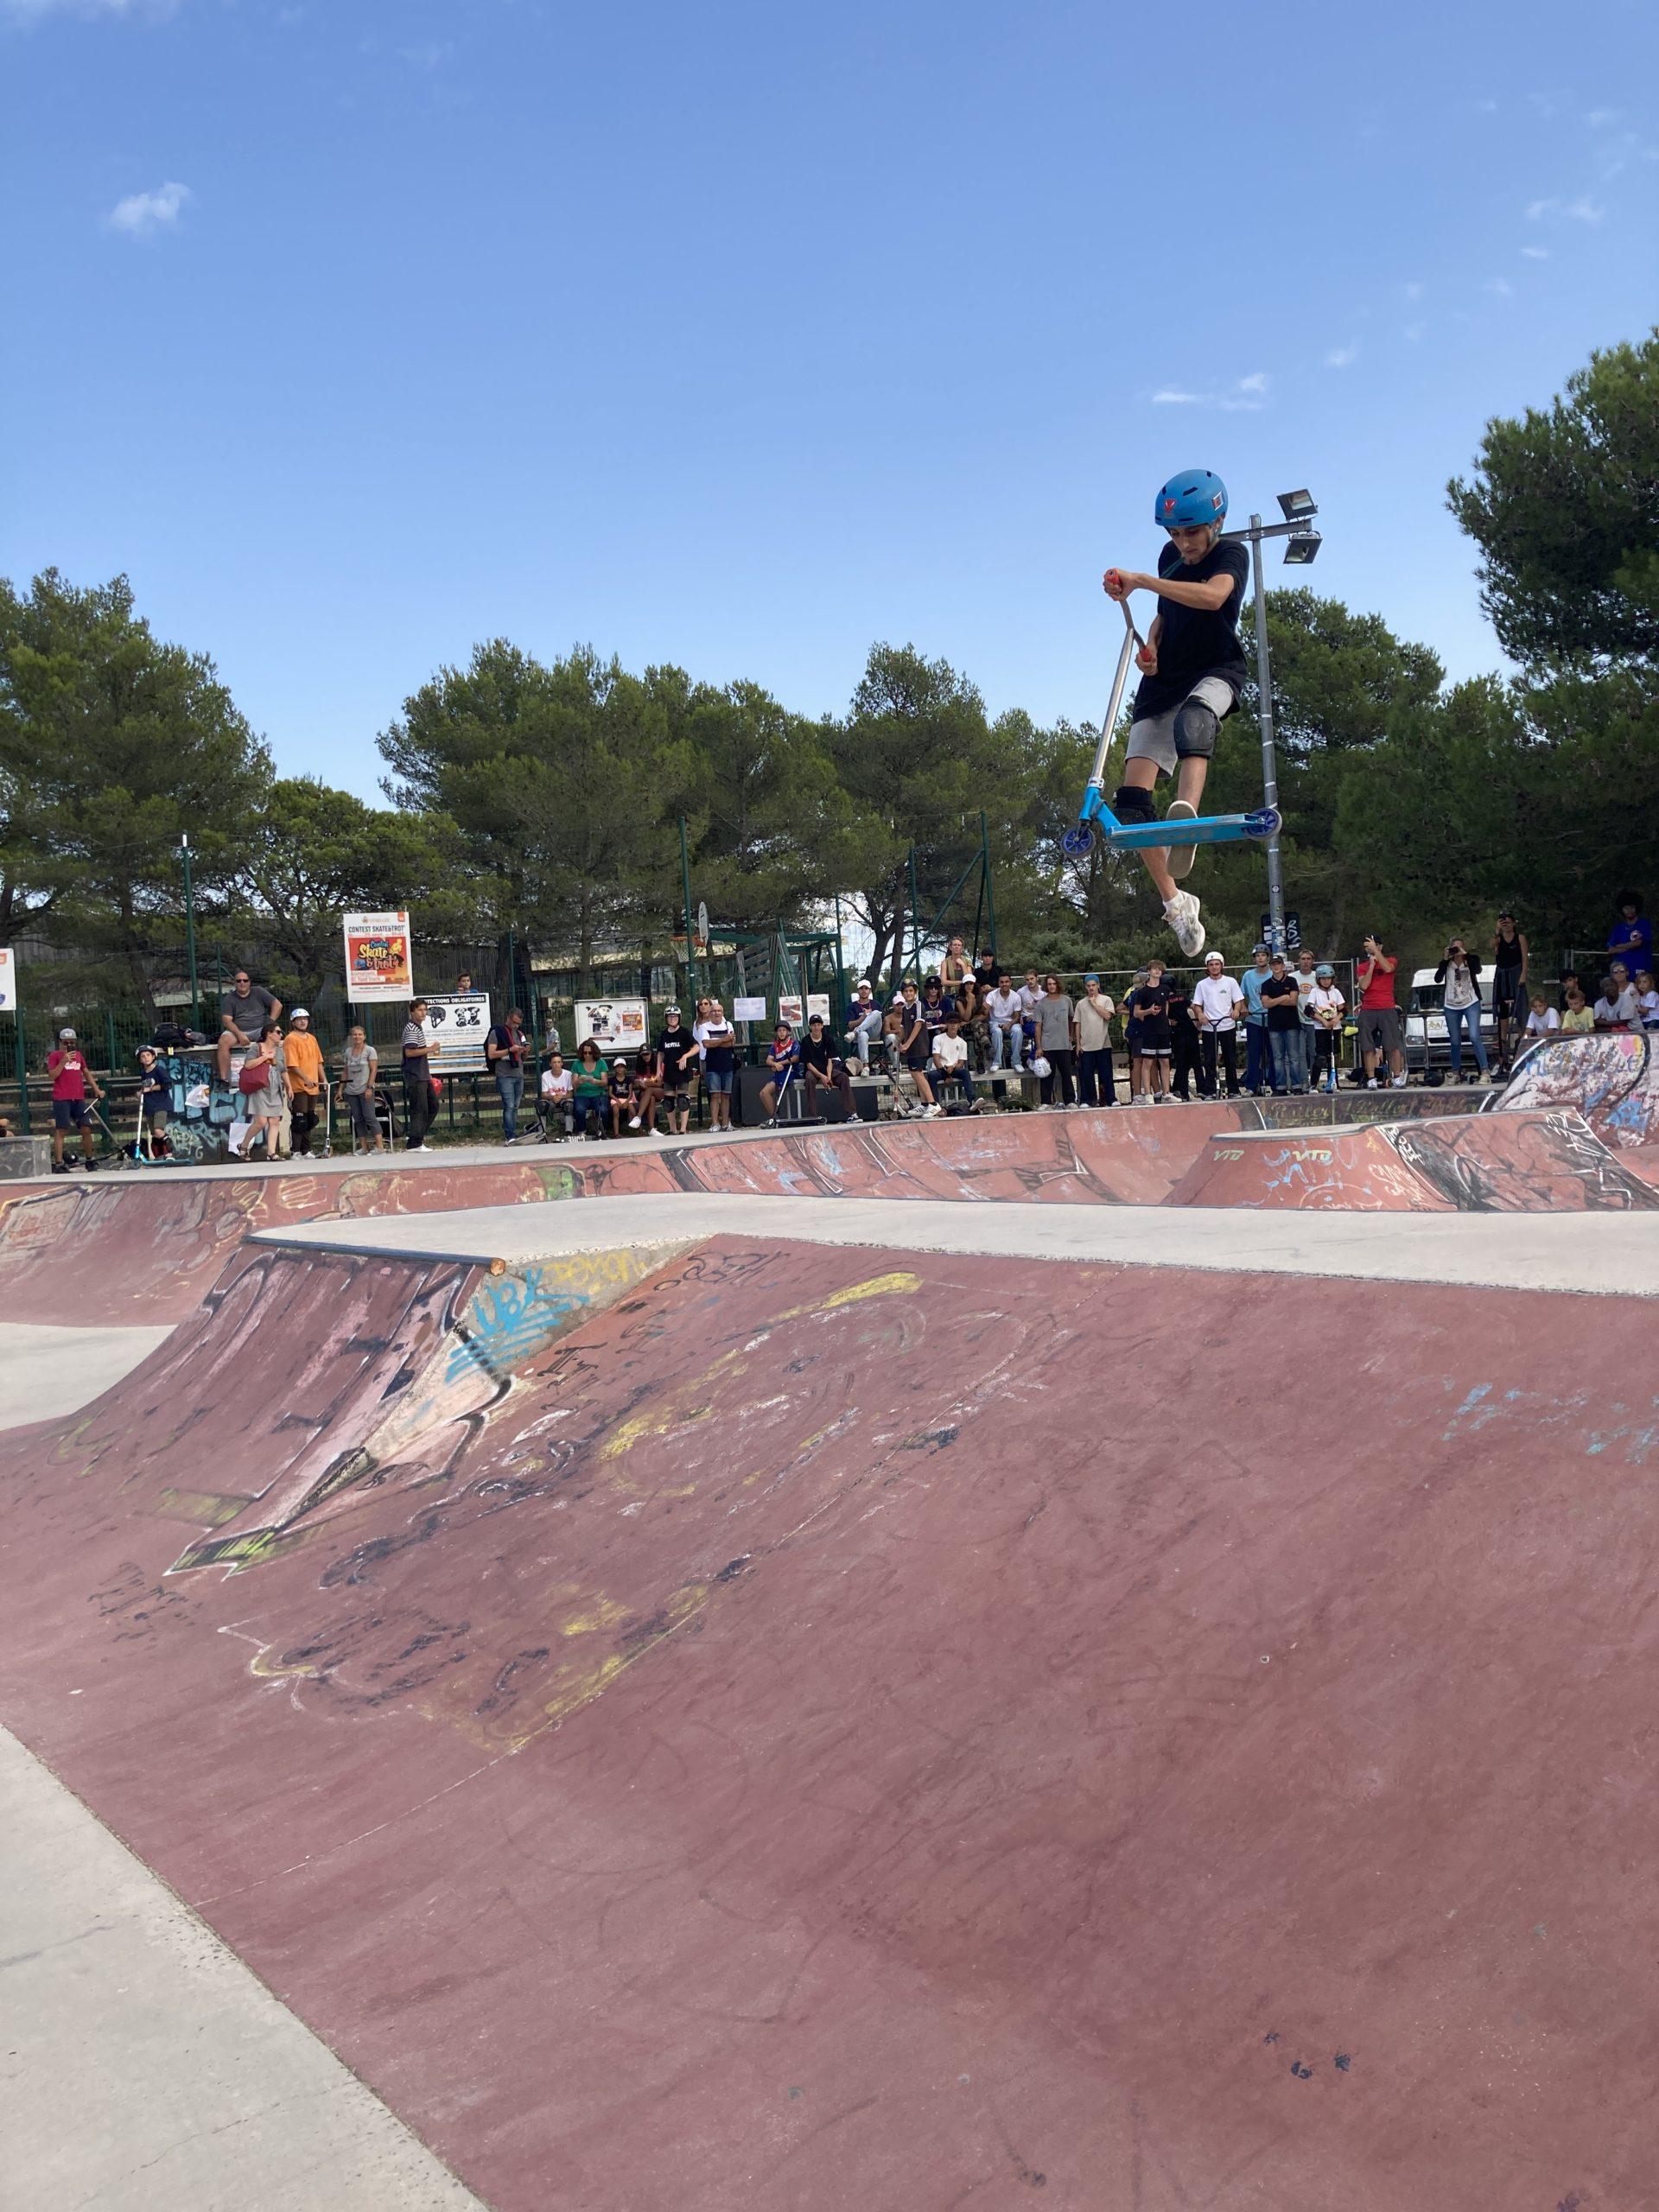 """Photo du Contest """"Skate & Trot"""" montrant un trottirider en action"""